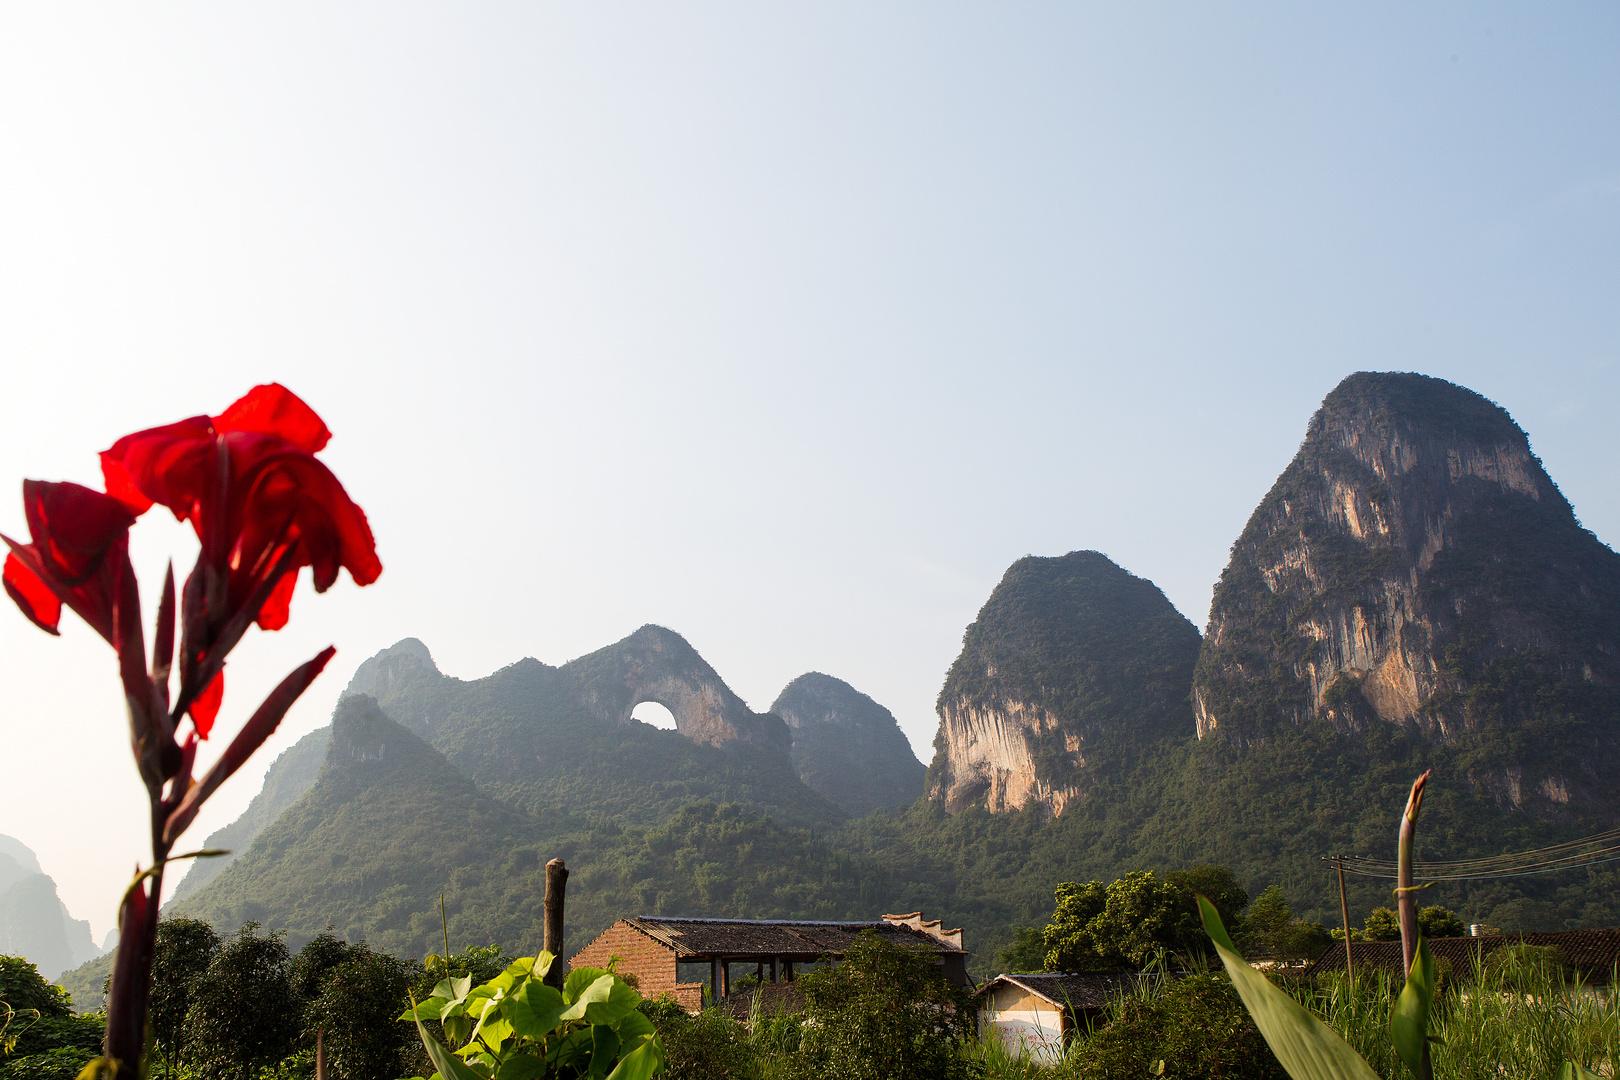 moon hill / Yangshuo region